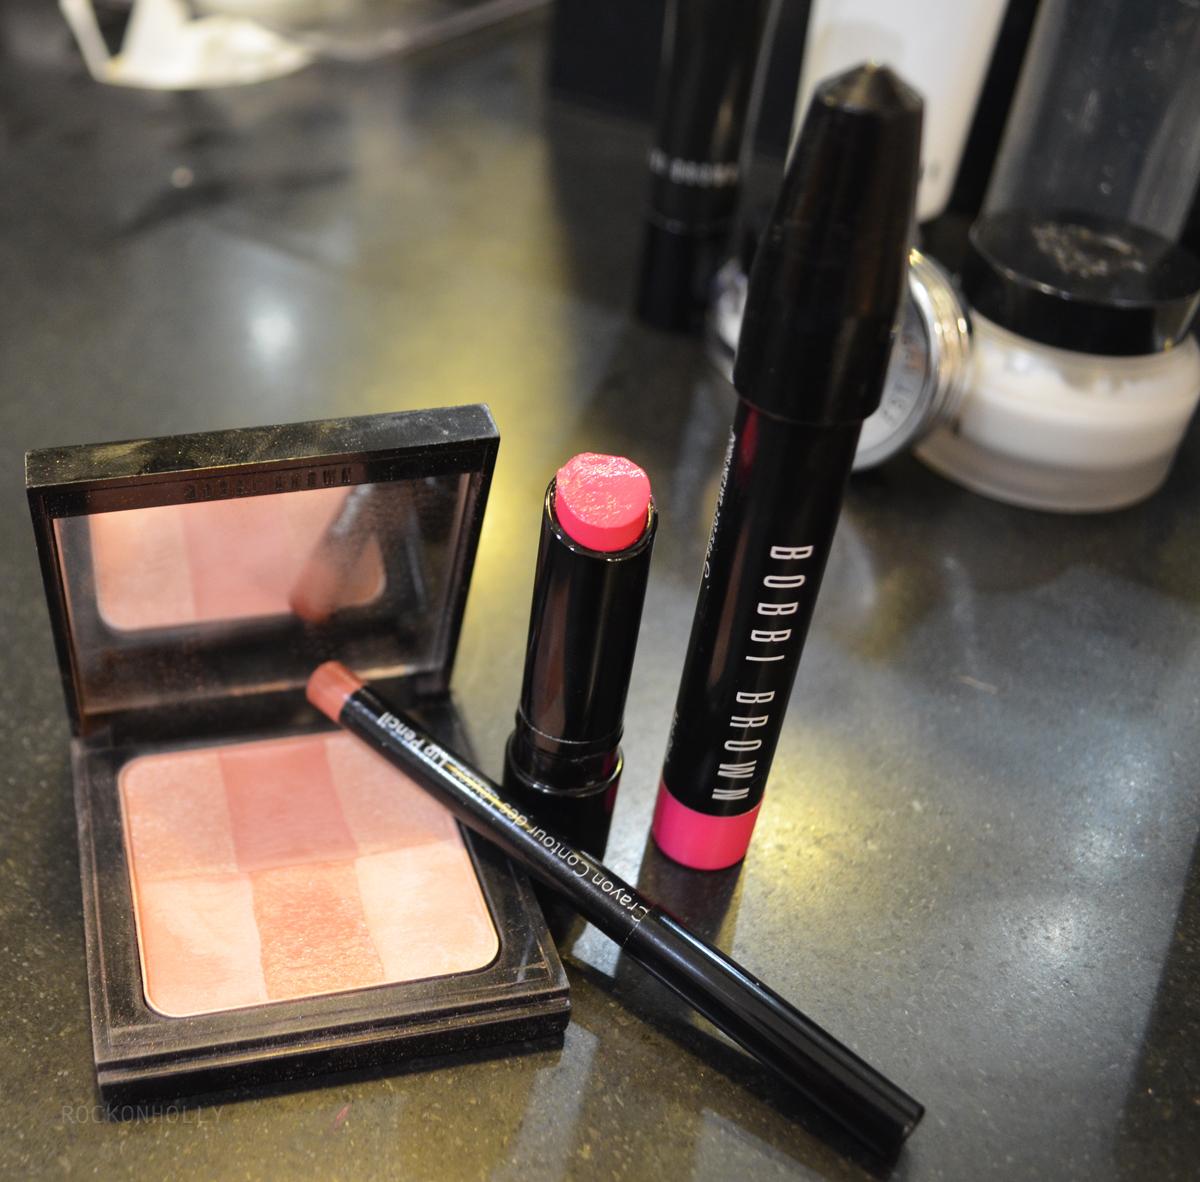 Bobbi Brown Make Up - Lipstick